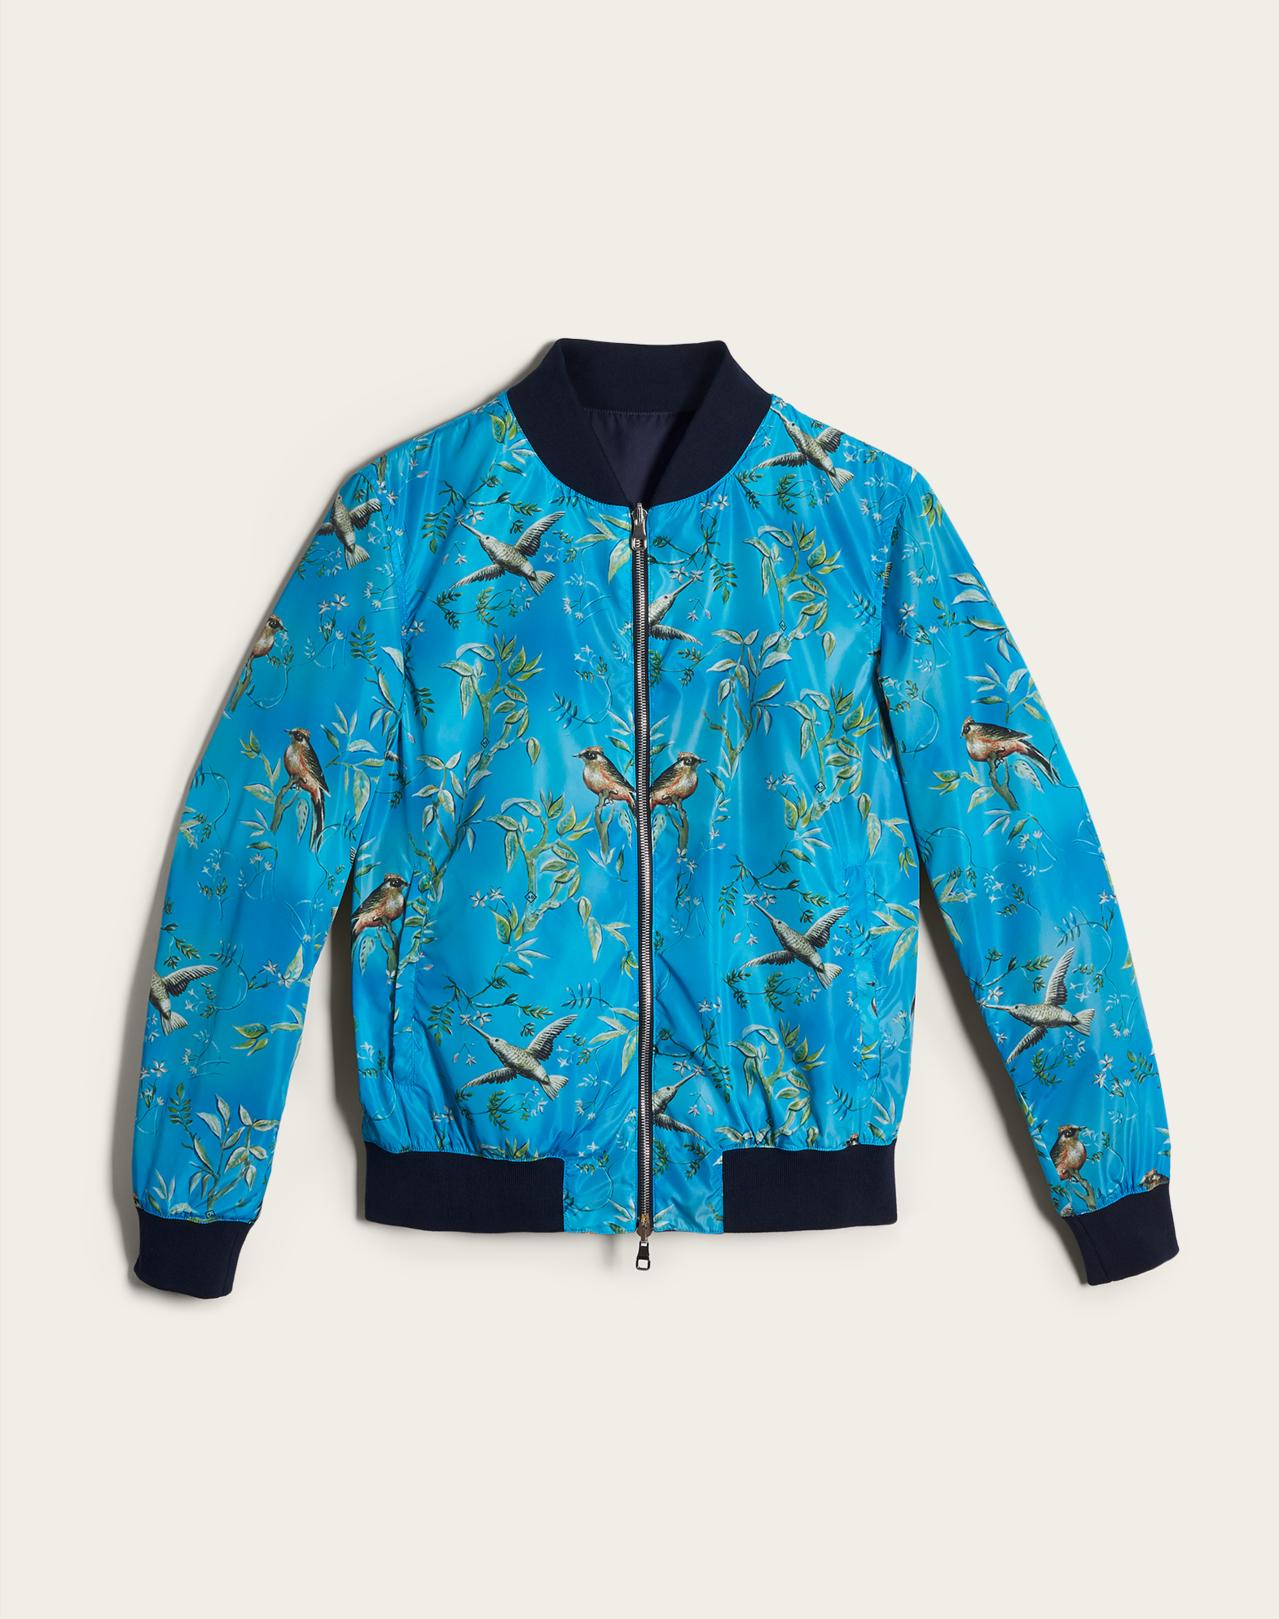 Aquarium迷你限量系列雙面飛行員夾克,價格店洽。